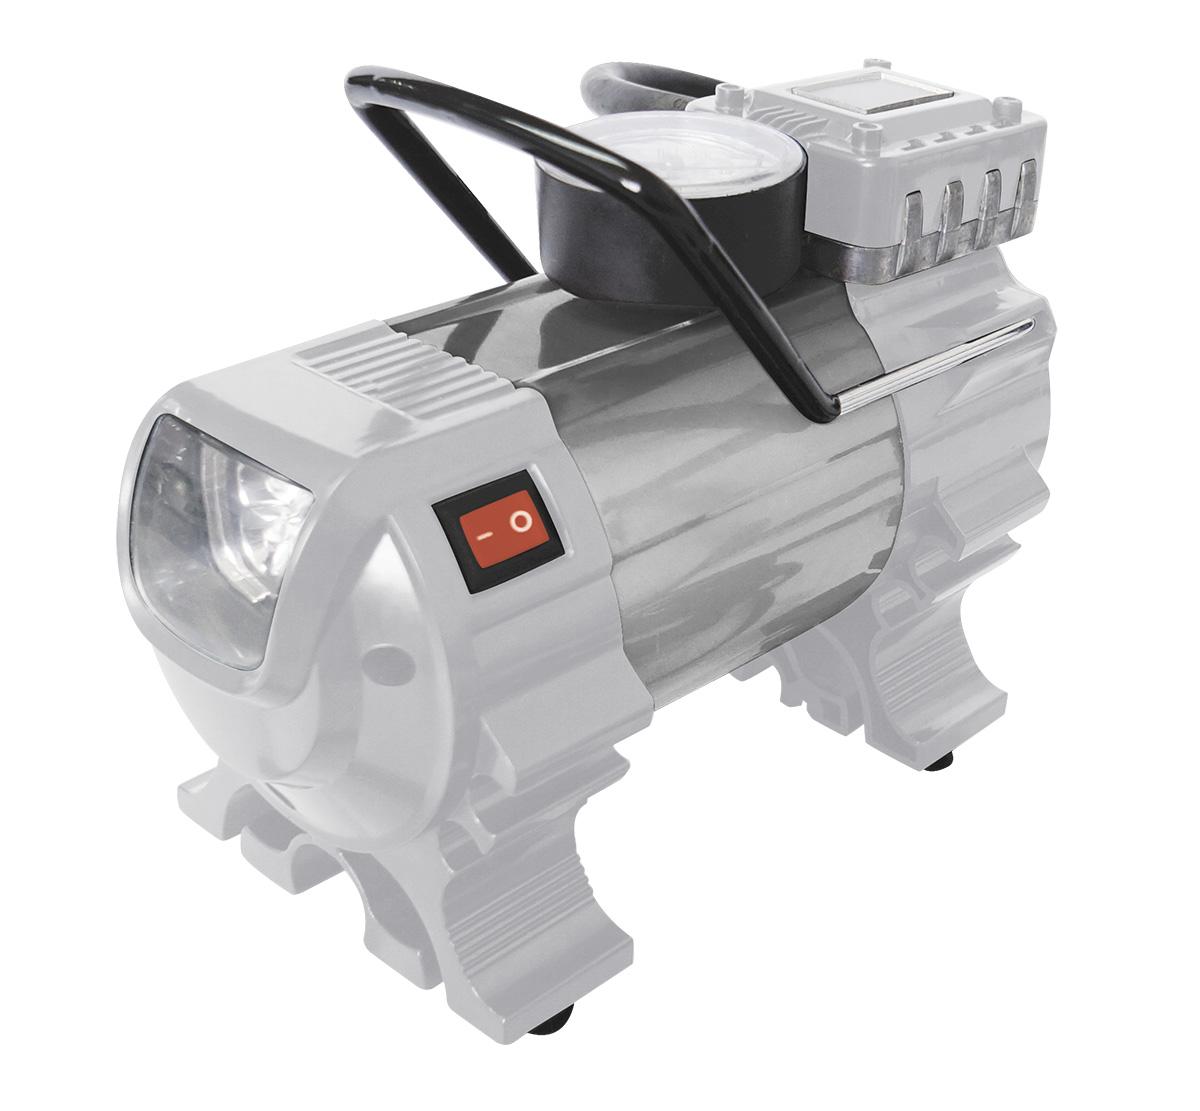 Компрессор автомобильный Ставр КА-12/7ФМст12-7фмкаАвтомобильный компрессор Ставр КА-12/7ФМ предназначен для накачивания автомобильных, мотоциклетных, велосипедных шин, мячей и прочего. Компрессор работает от напряжения 12 В. Встроенный фонарь помогает производить работы в темное время суток. На верхней части корпуса расположен манометр, позволяющий контролировать работу компрессора. Аппарат комплектуется сумкой для удобства при транспортировке и хранении.